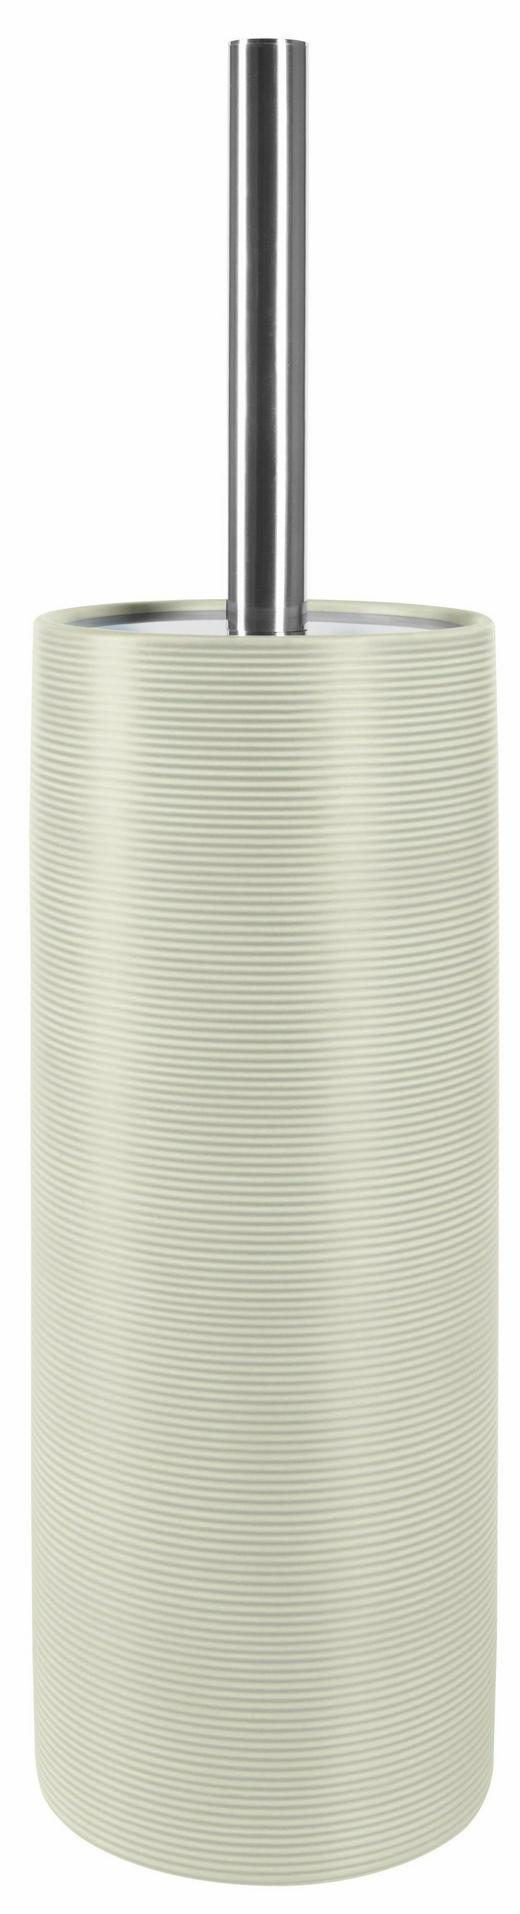 WC-BÜRSTENGARNITUR Stein - Chromfarben/Grau, Basics, Kunststoff/Stein (11/41,5/11cm) - Spirella